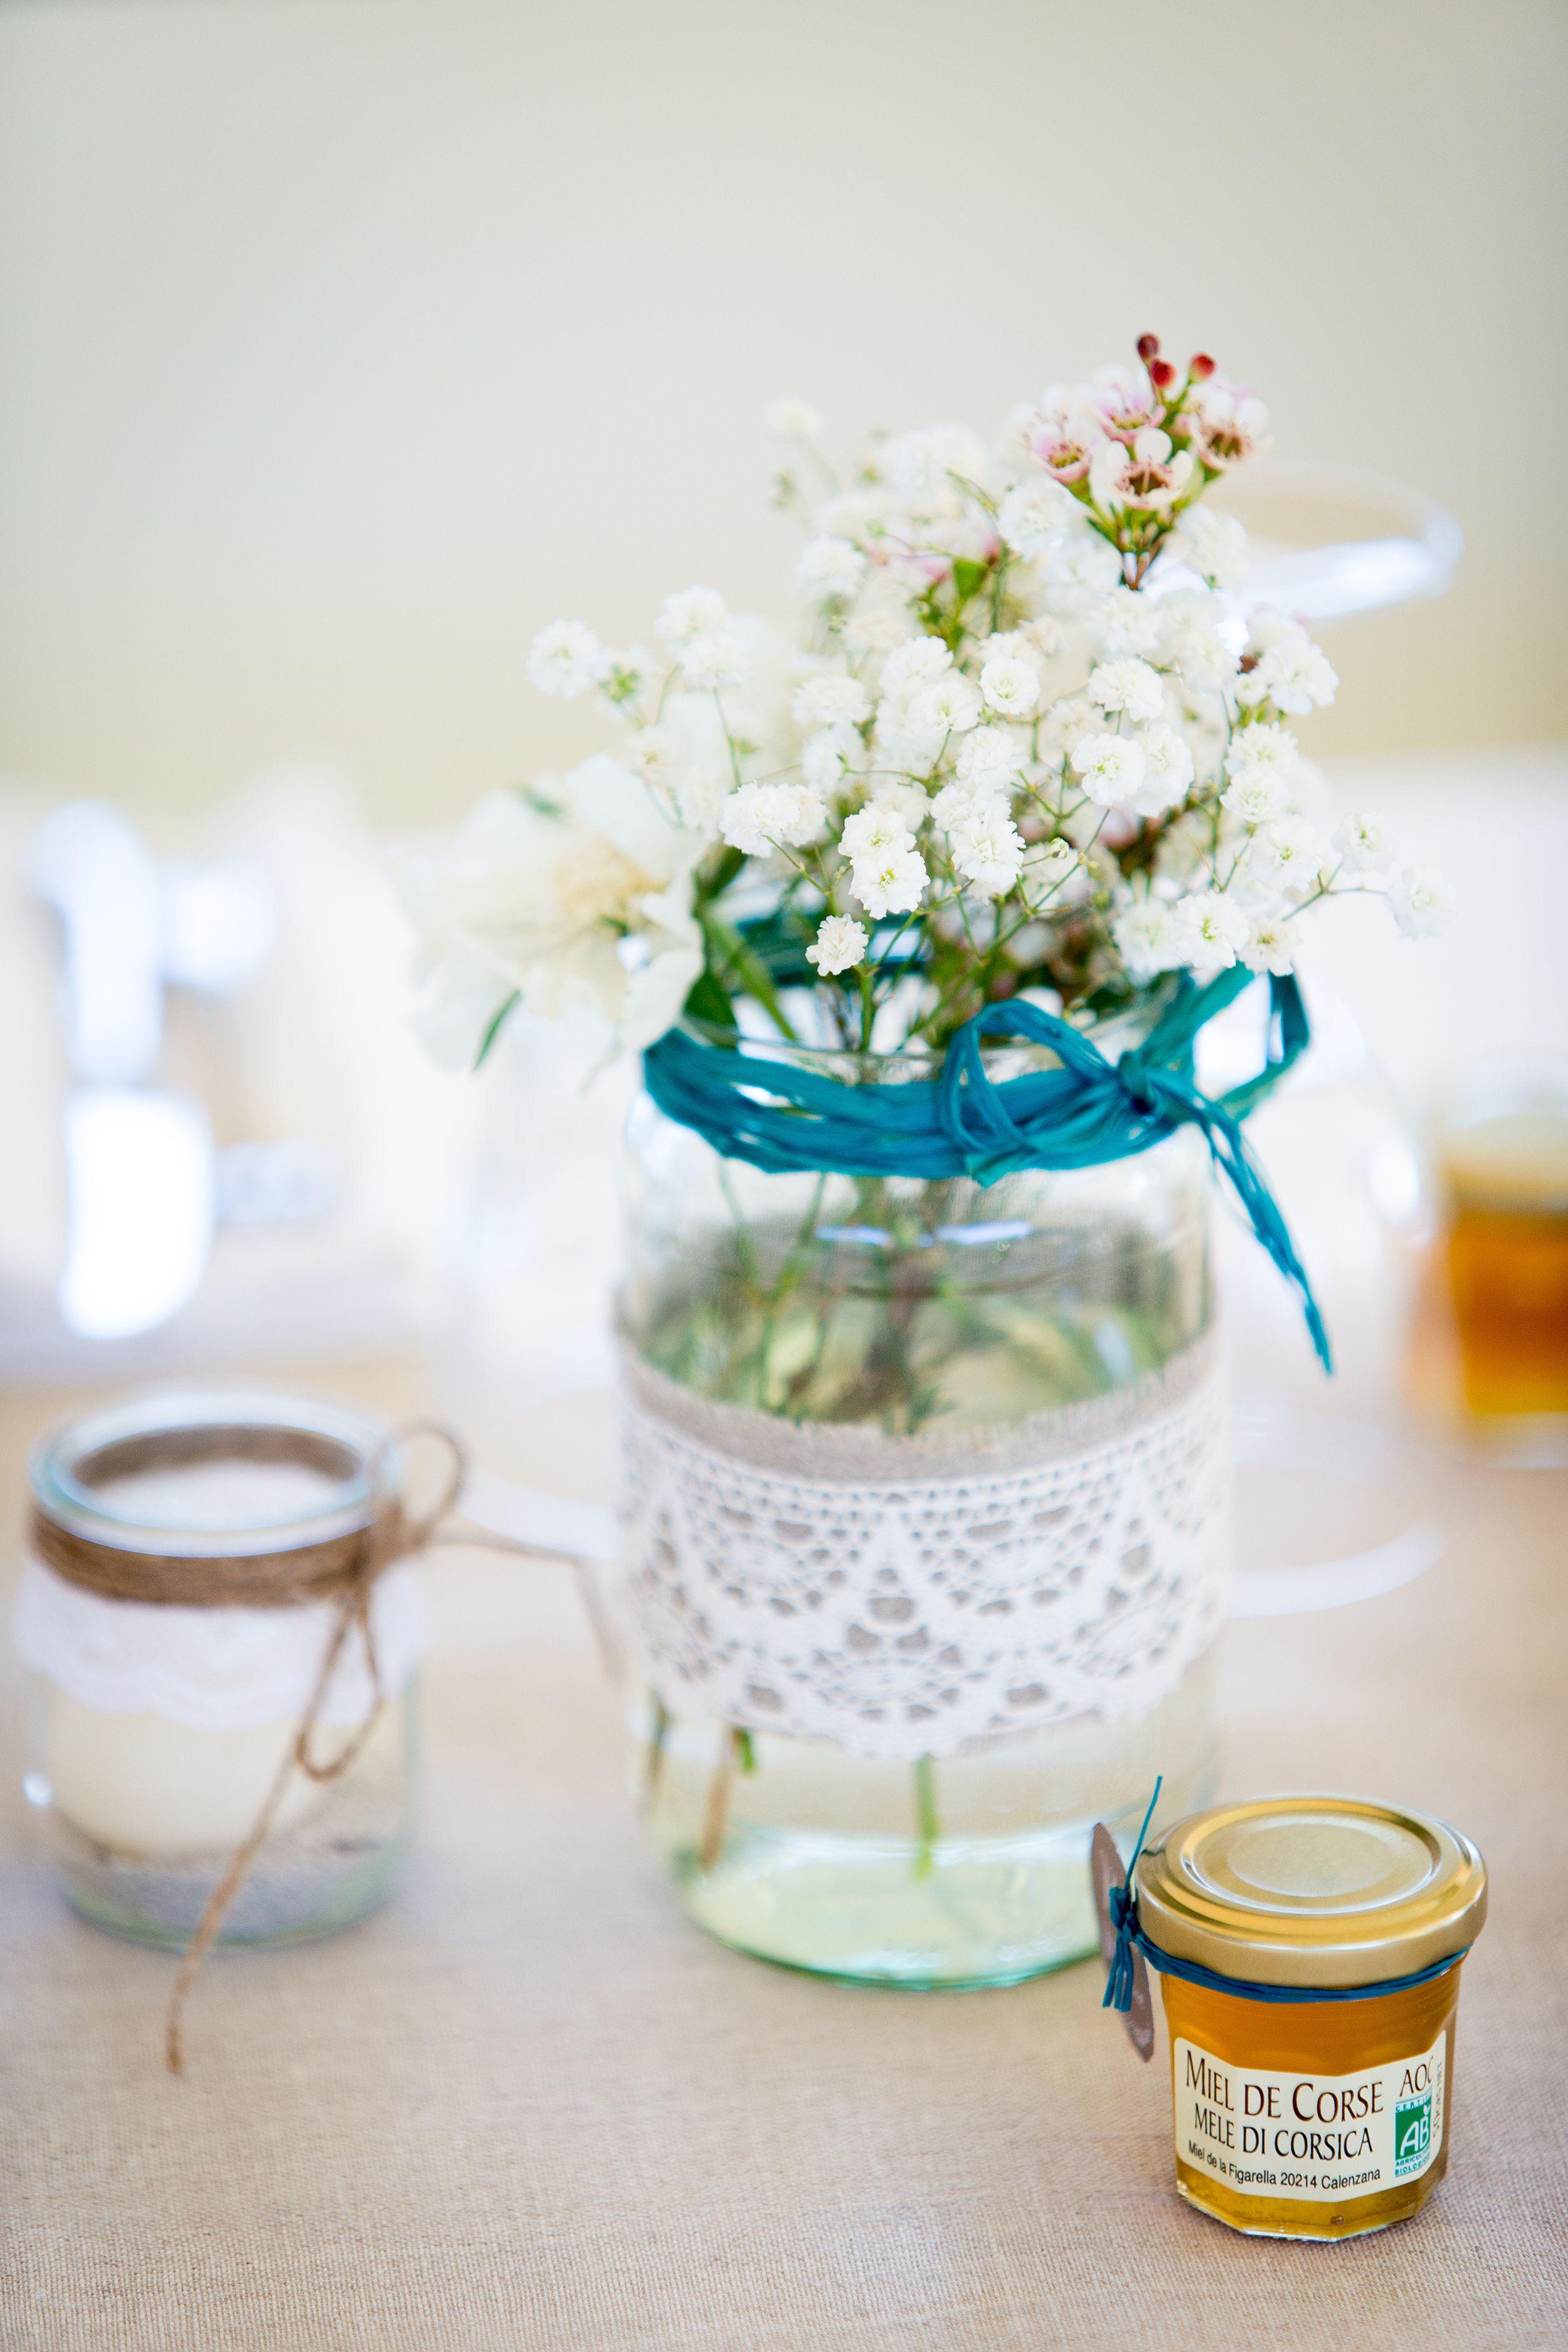 d co de table chemin de table en lin bougies et fleurs gypsophile fleurs de myrte olivier